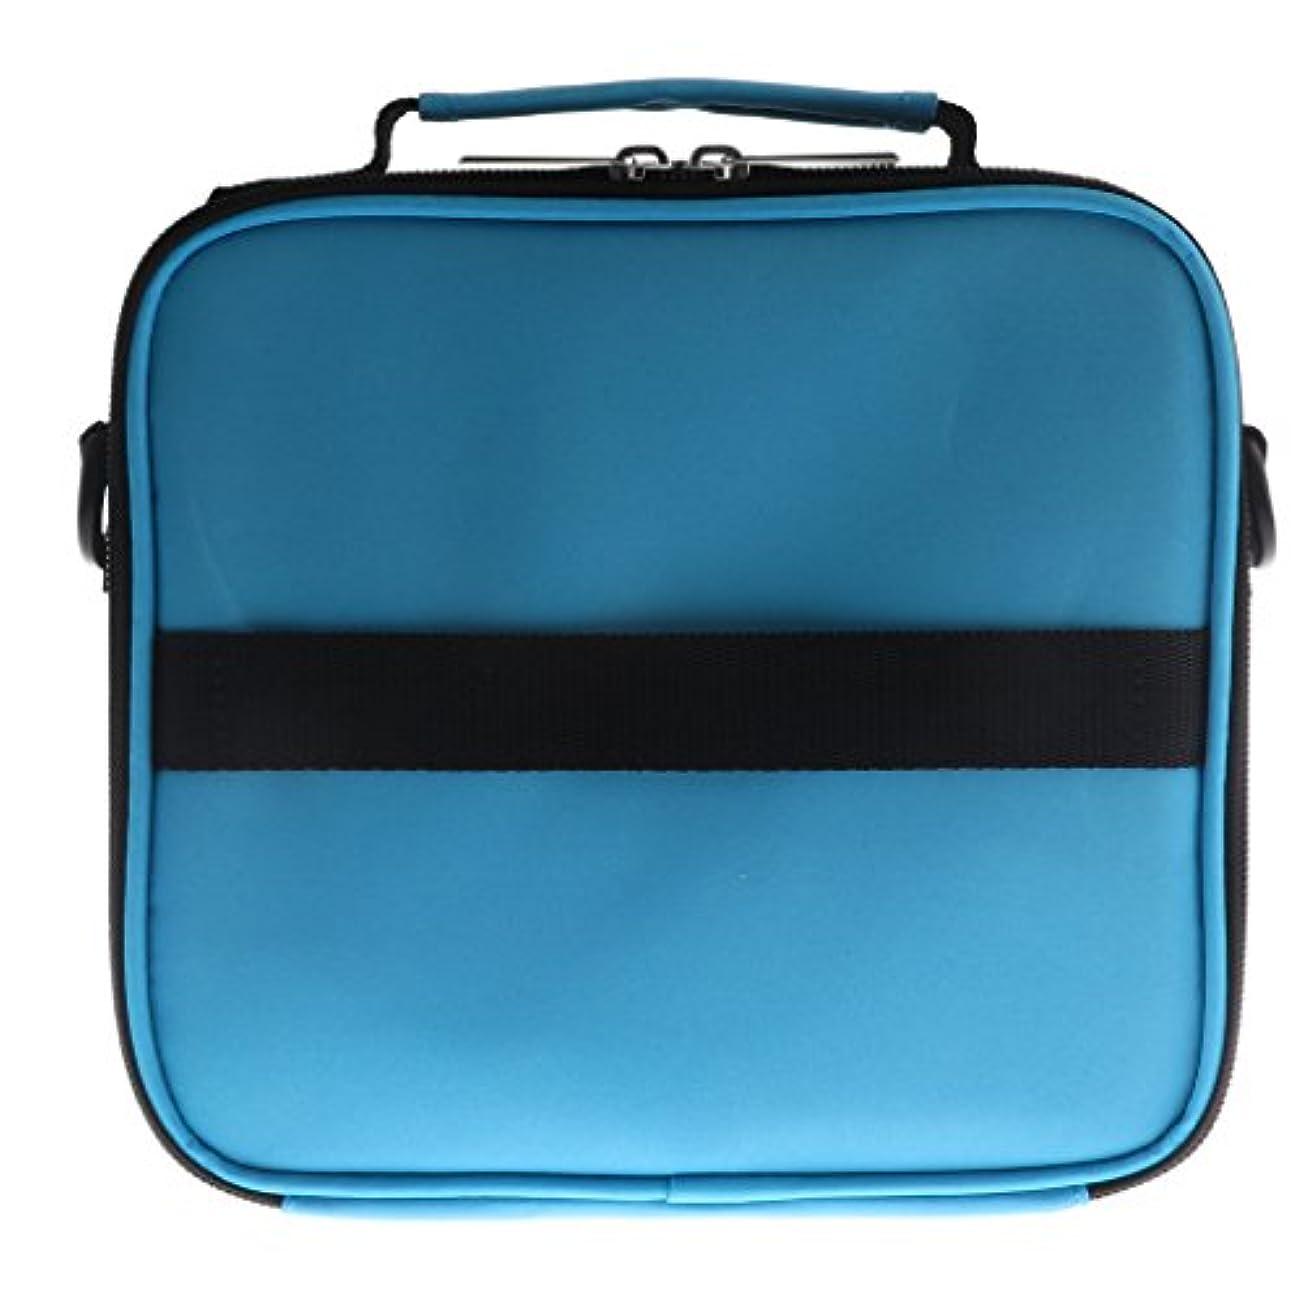 裁定エリート沿って全6色 アロマポーチ エッセンシャルオイル ケース 香水収納バッグ アロマケース 携帯用 30本用 - 青